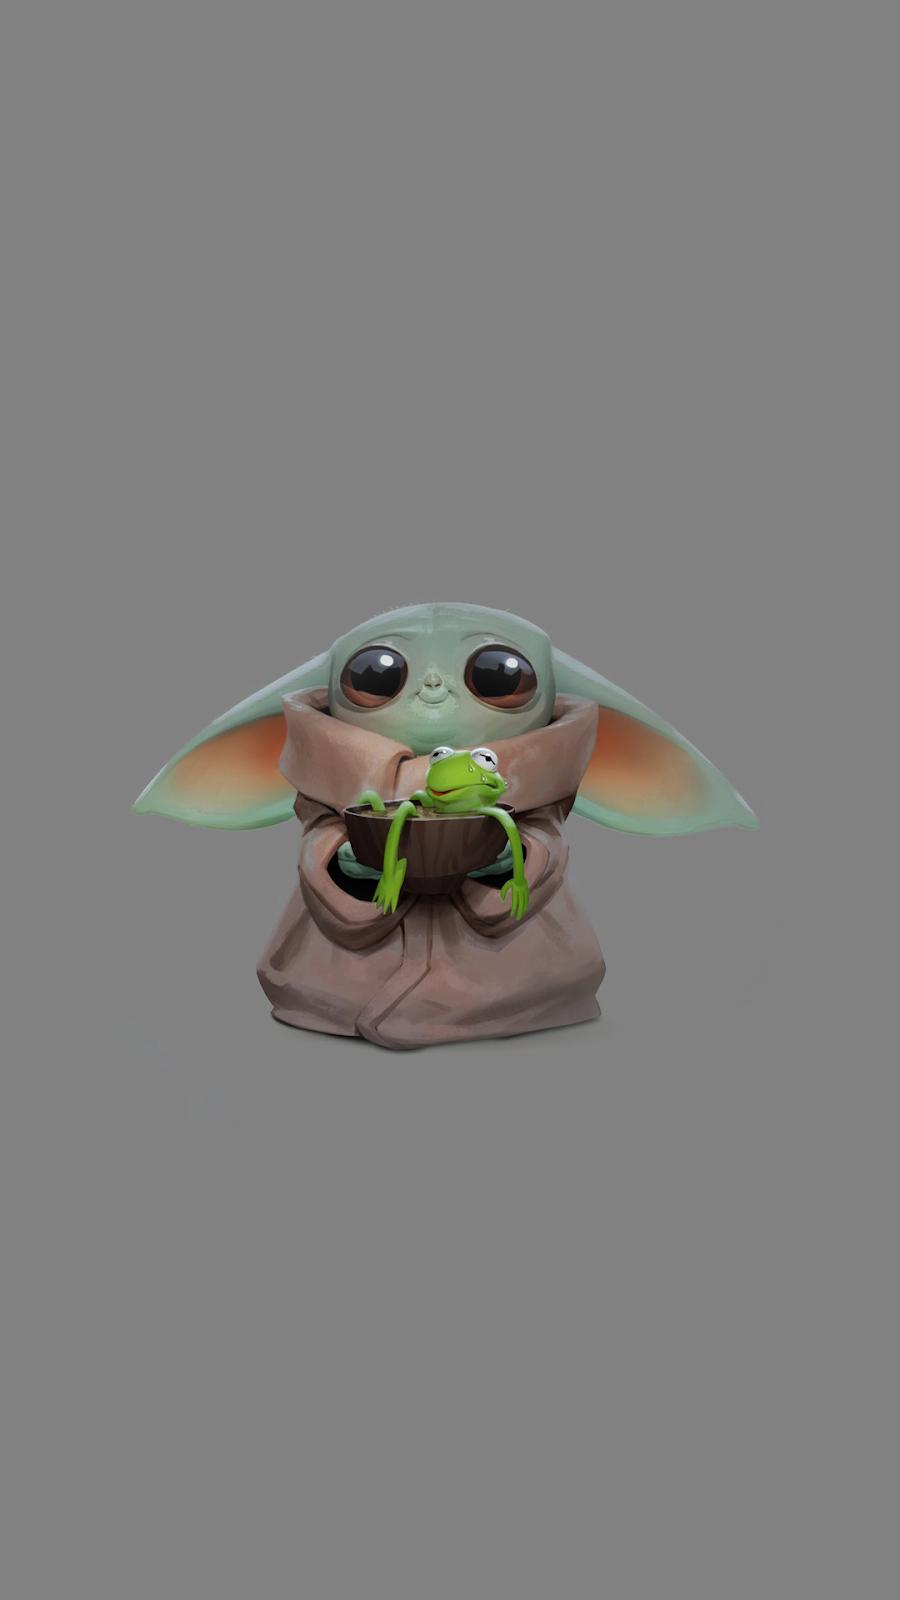 Yessir R Babyyoda Baby Yoda Grogu Yoda Wallpaper Yoda Images Yoda Drawing